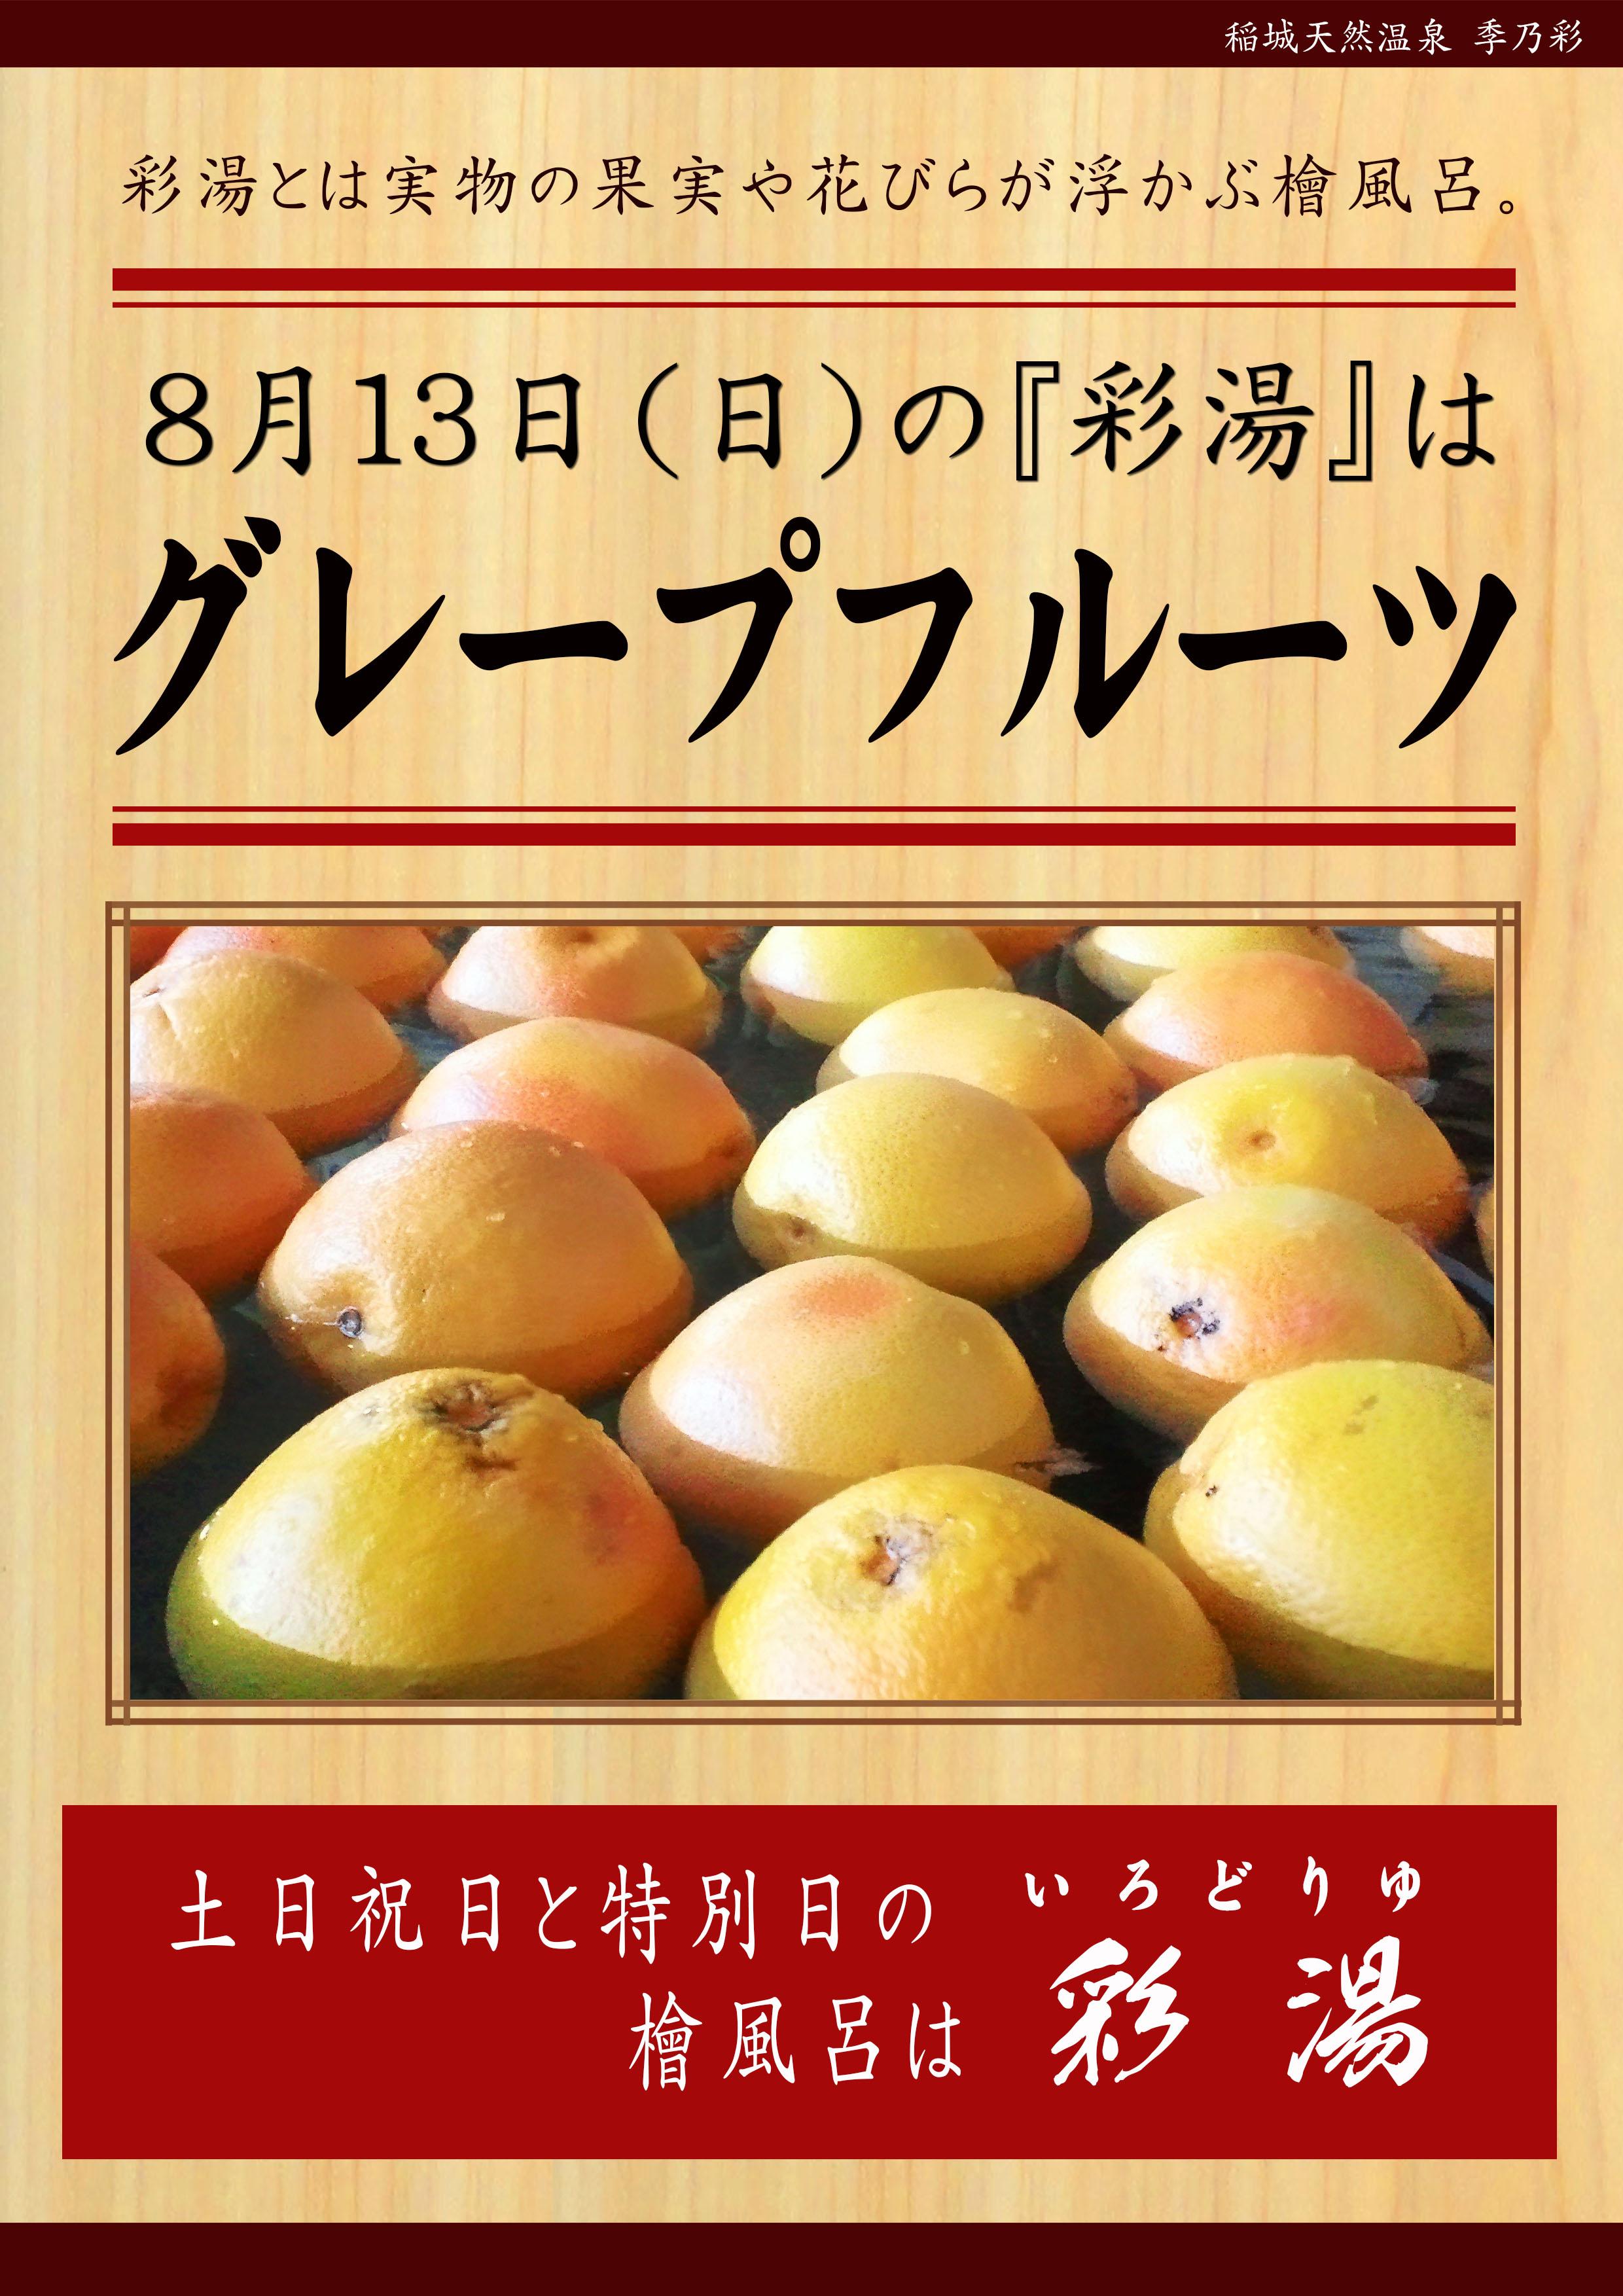 20170813POP イベント 彩湯 グレープフルーツ